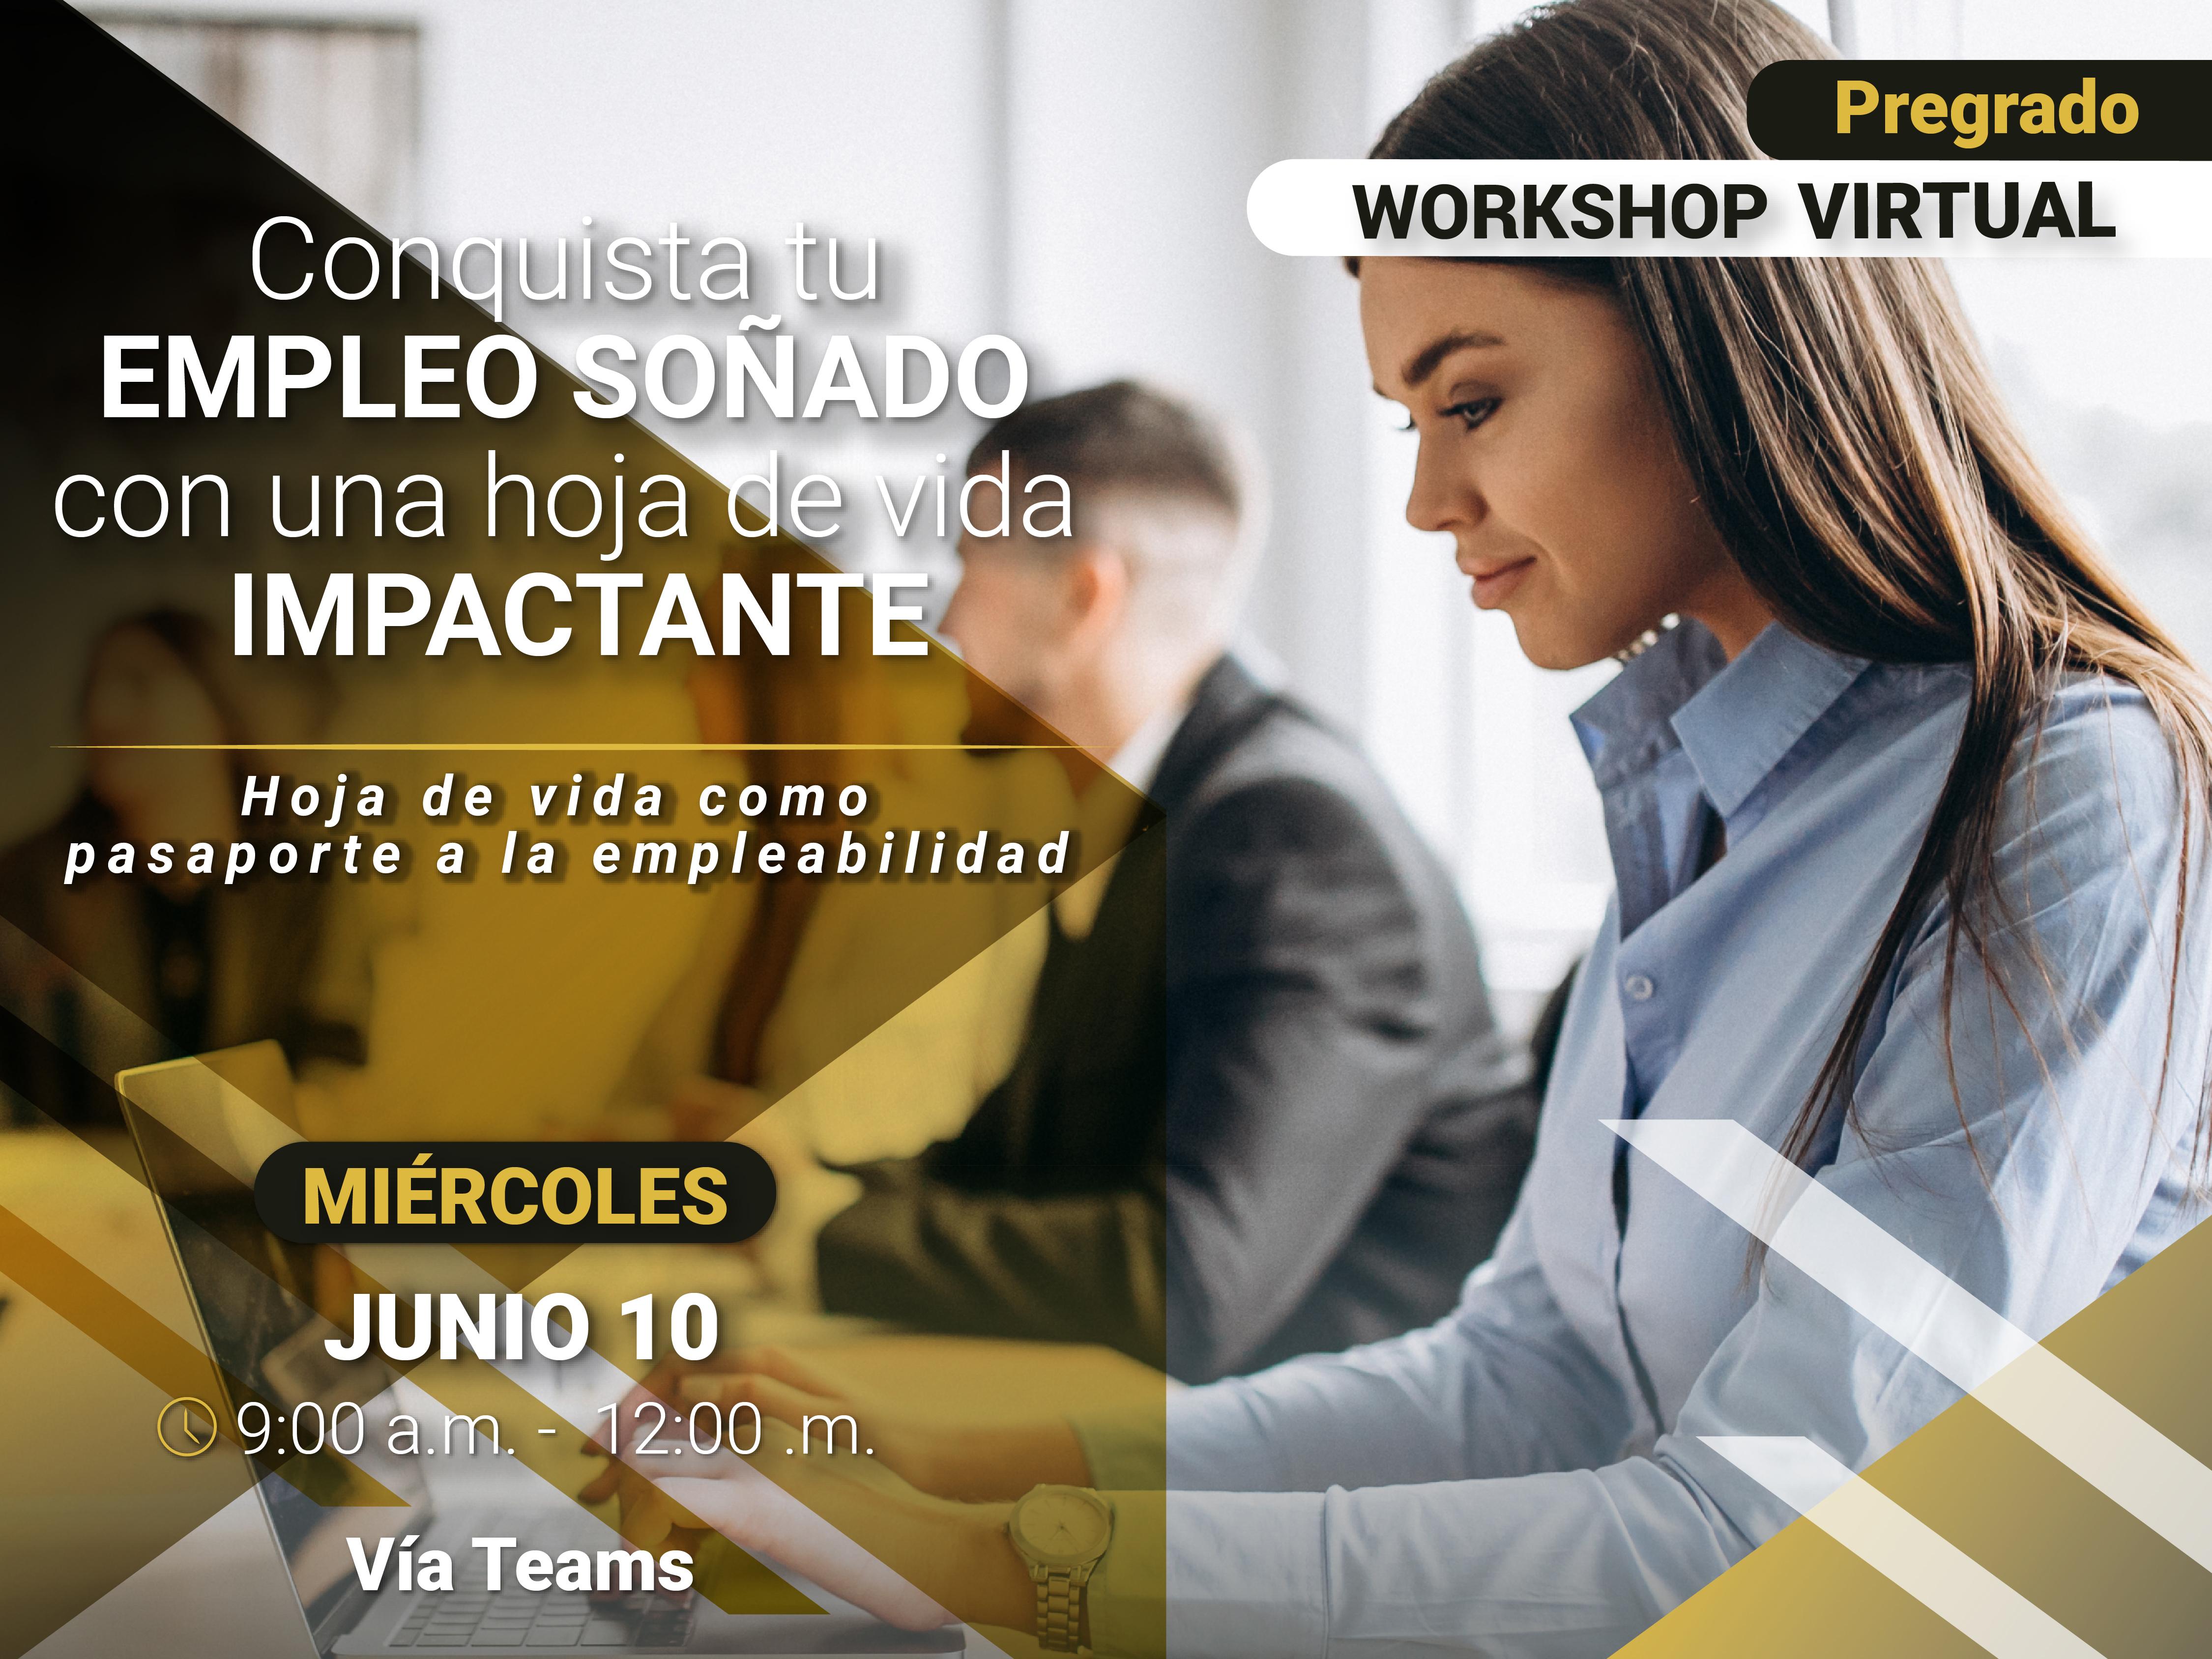 Workshop virtual: Hoja de vida como pasaporte a la empleabilidad